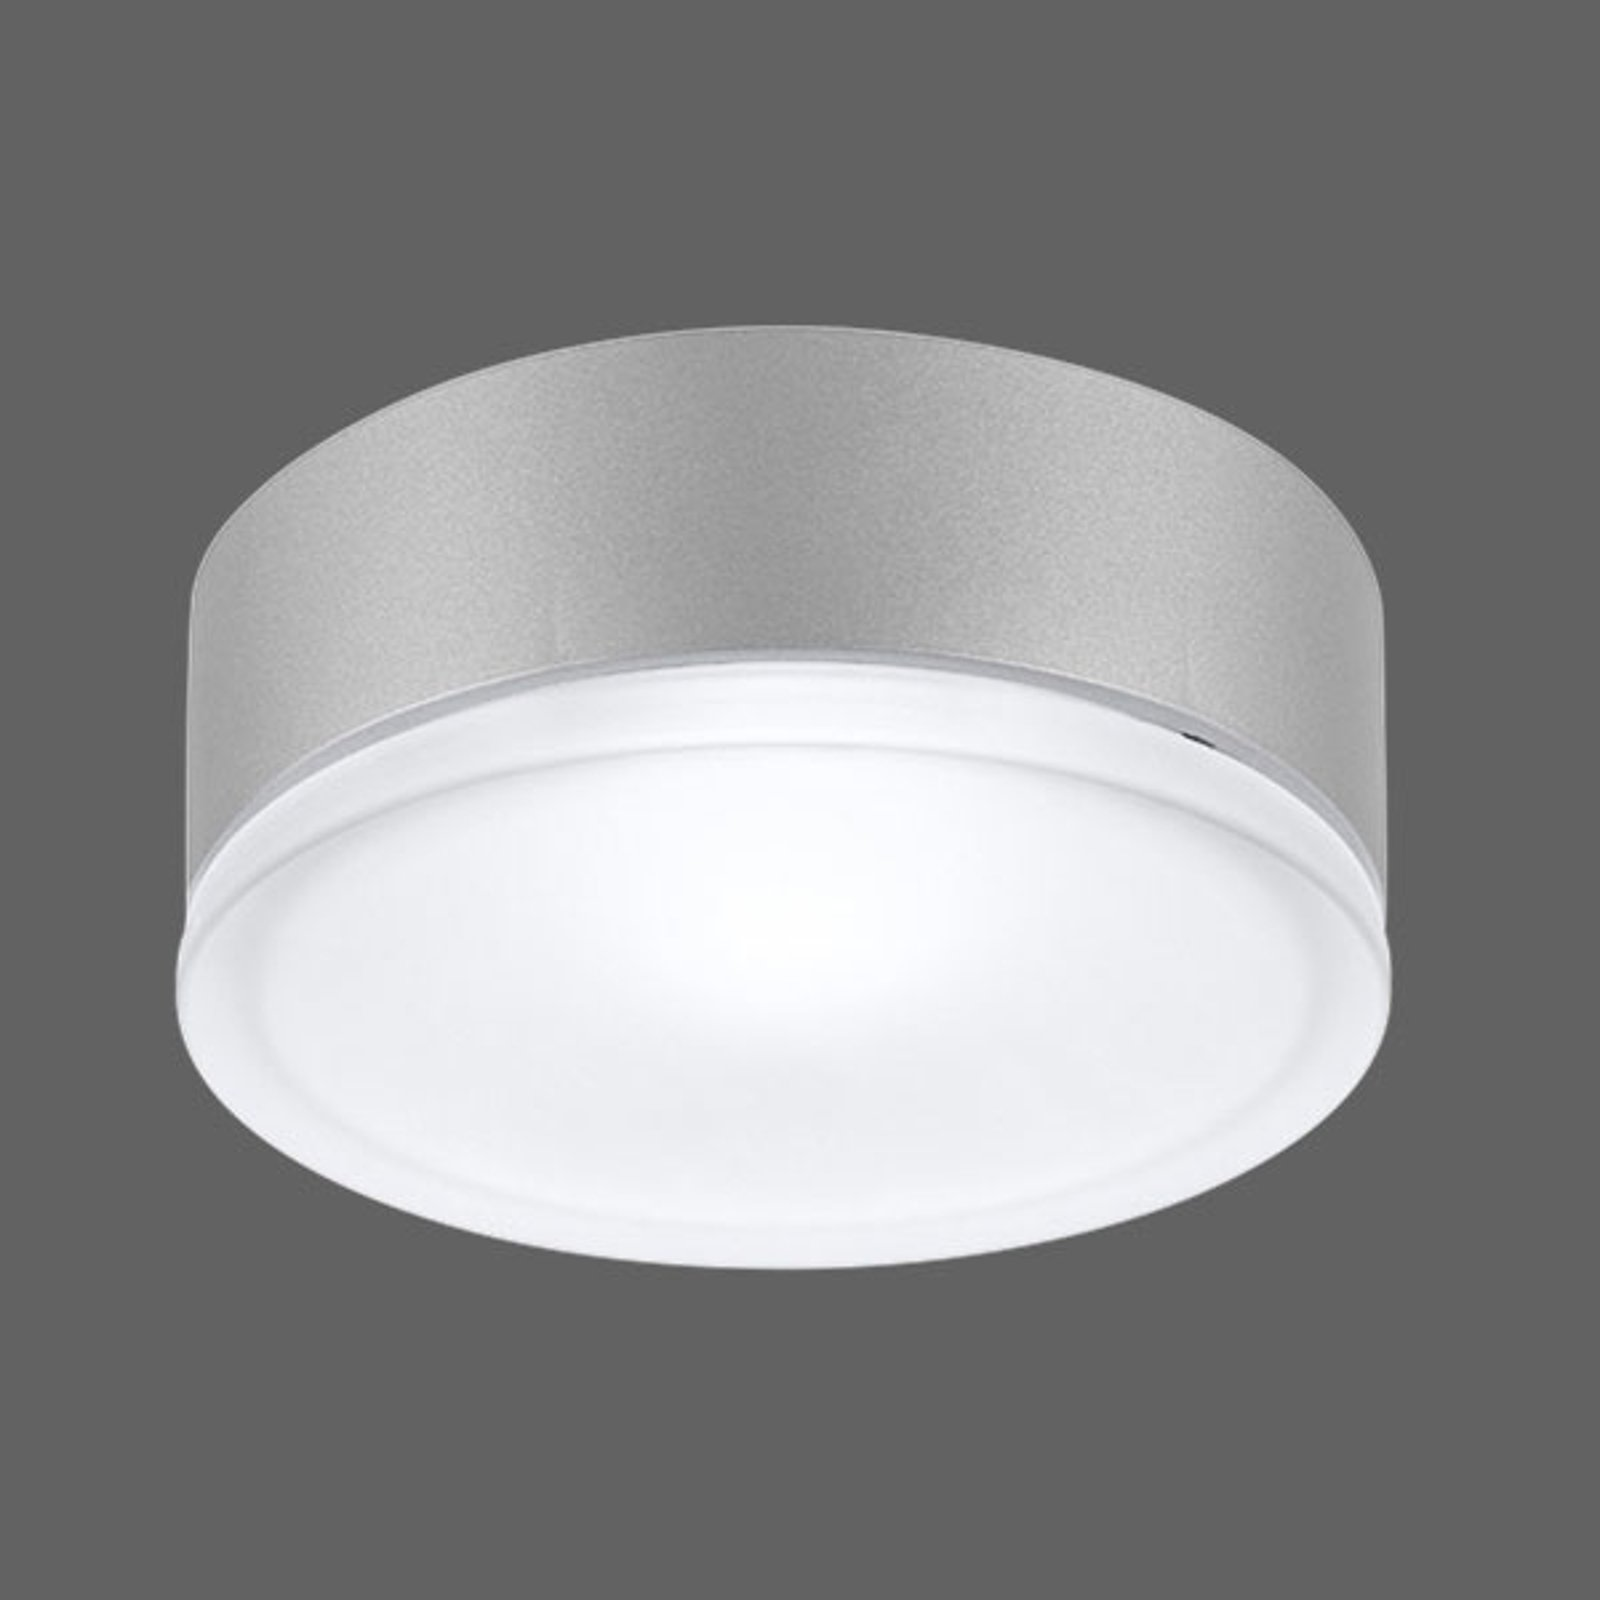 Drop 28 utendørs LED-vegglampe i grå 4 000 K